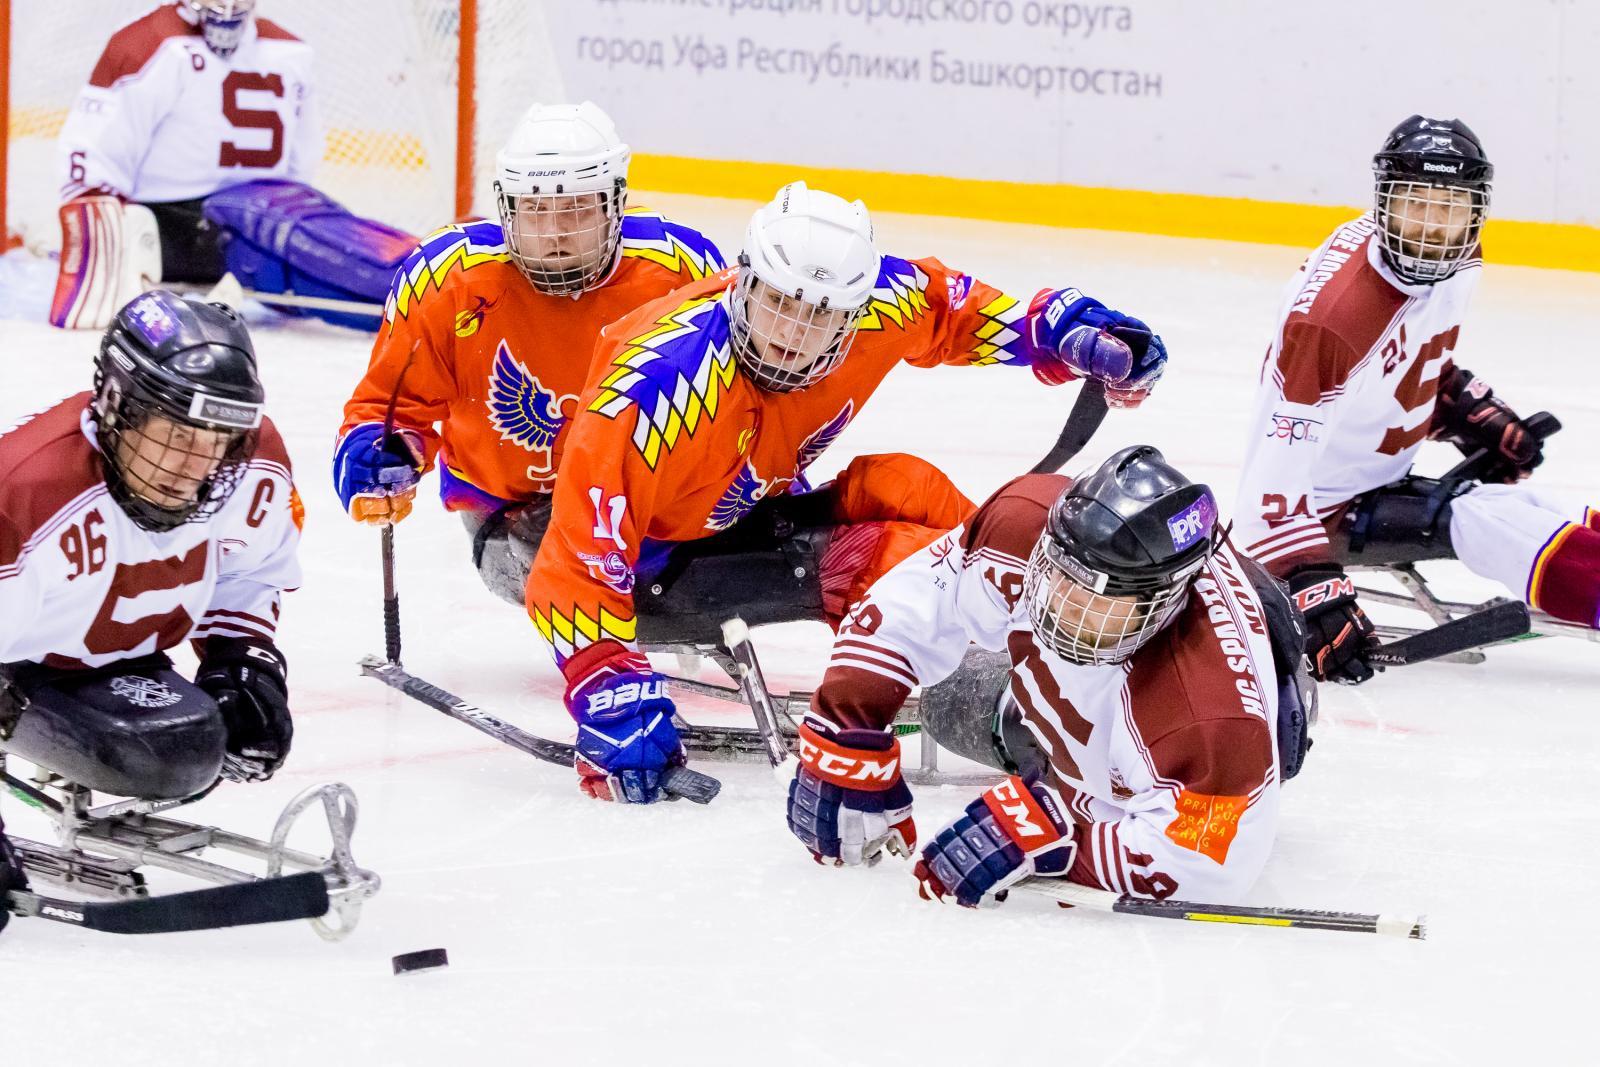 ВУфе закончился Кубок материка последж-хоккею